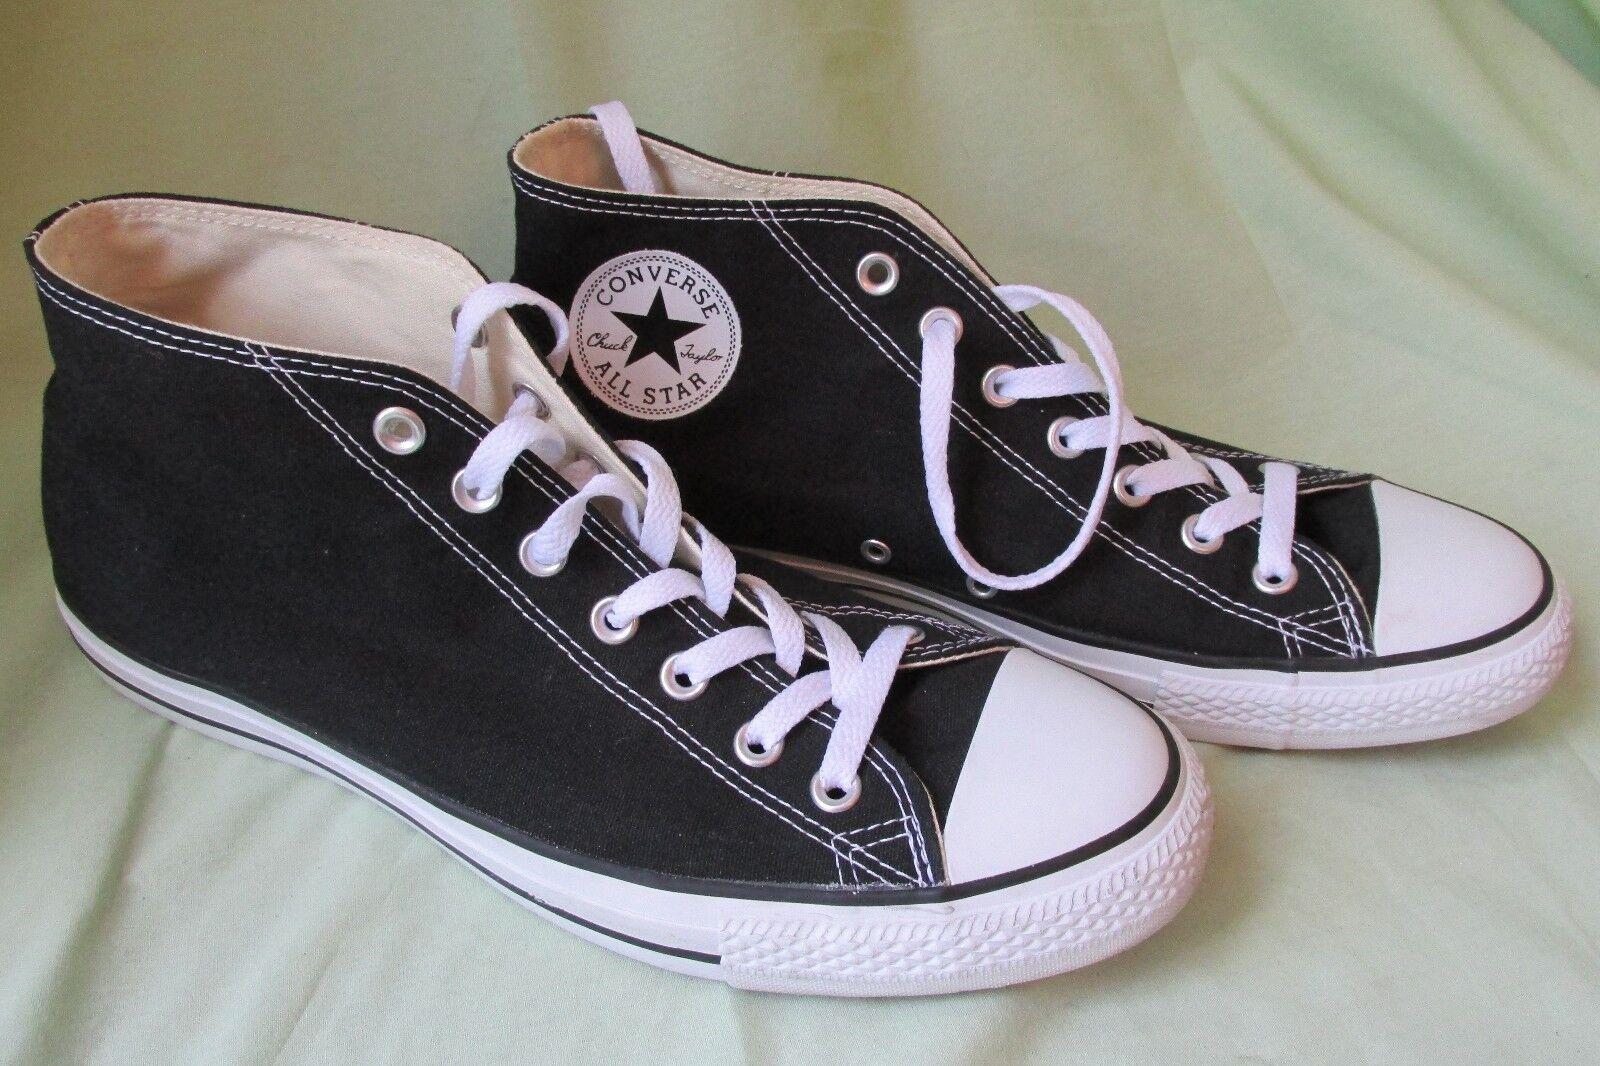 Converse Chuck Taylor Todo Star Medio Negro Blanco ~ Zapatos Zapatos ~  para hombre 11 mujeres 13 usado una vez 13c70a